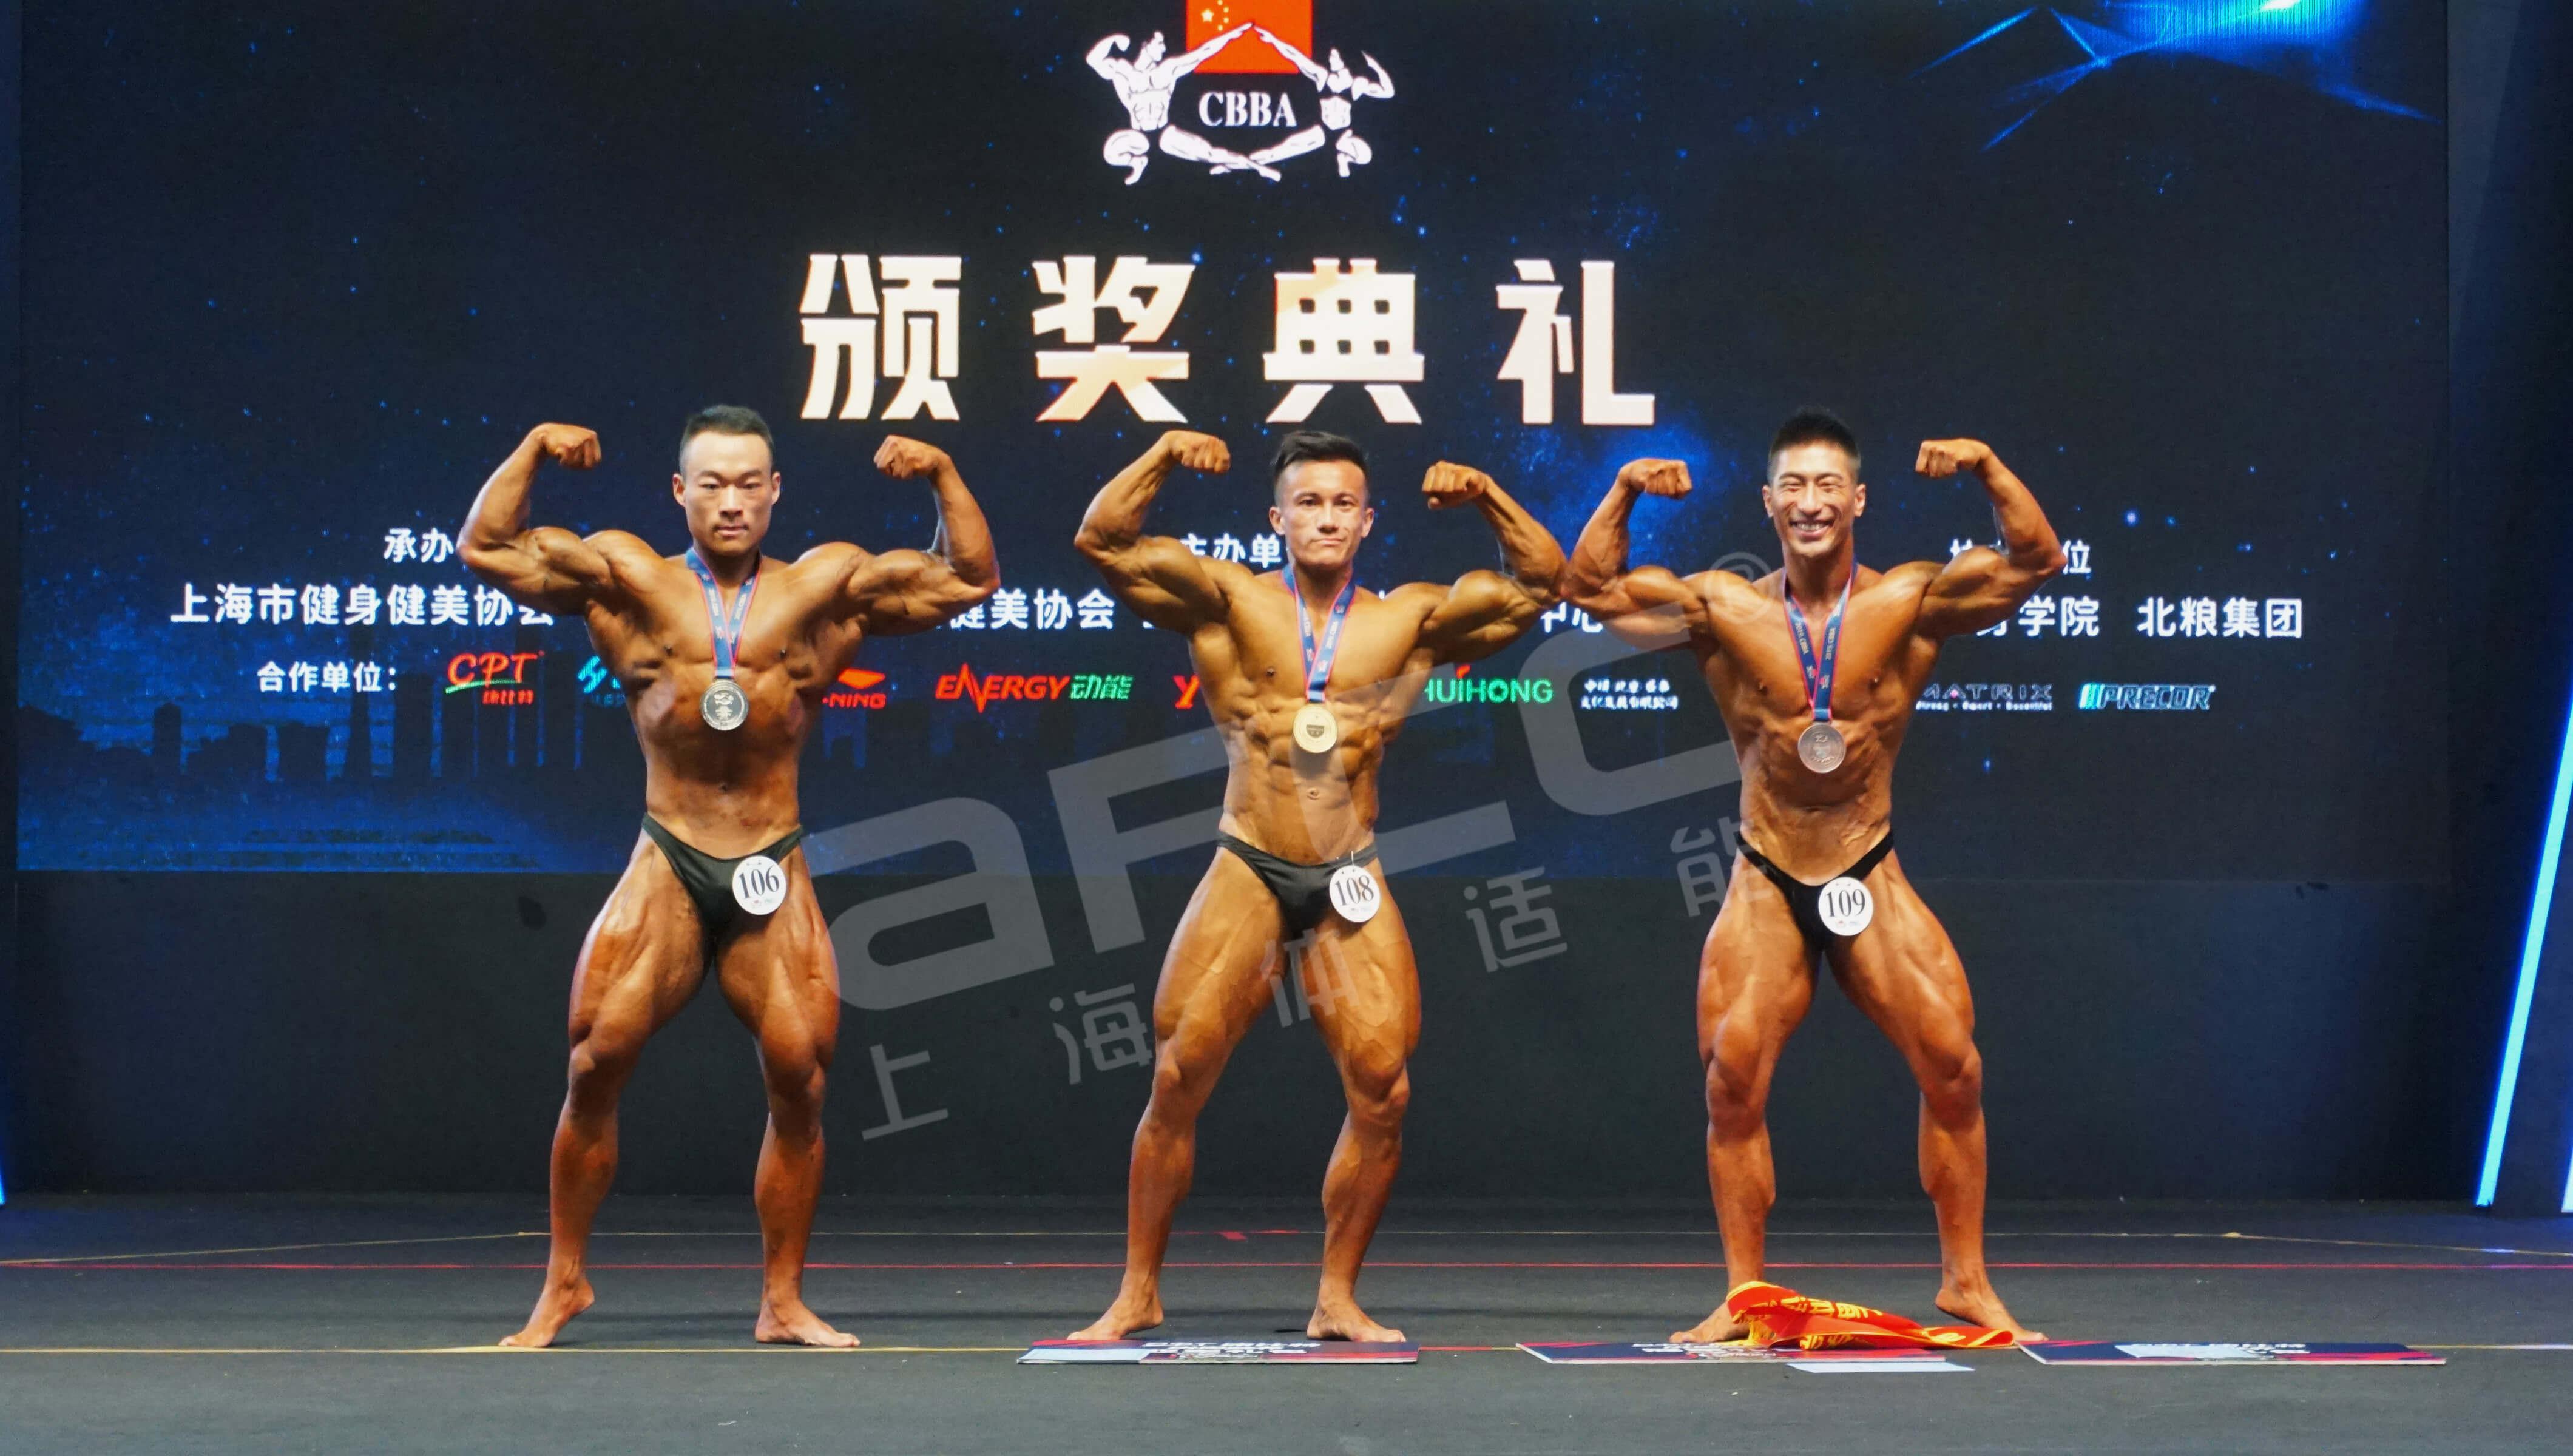 上海体适能健身学院代表队包揽下7项金牌、7项银牌、3项铜牌